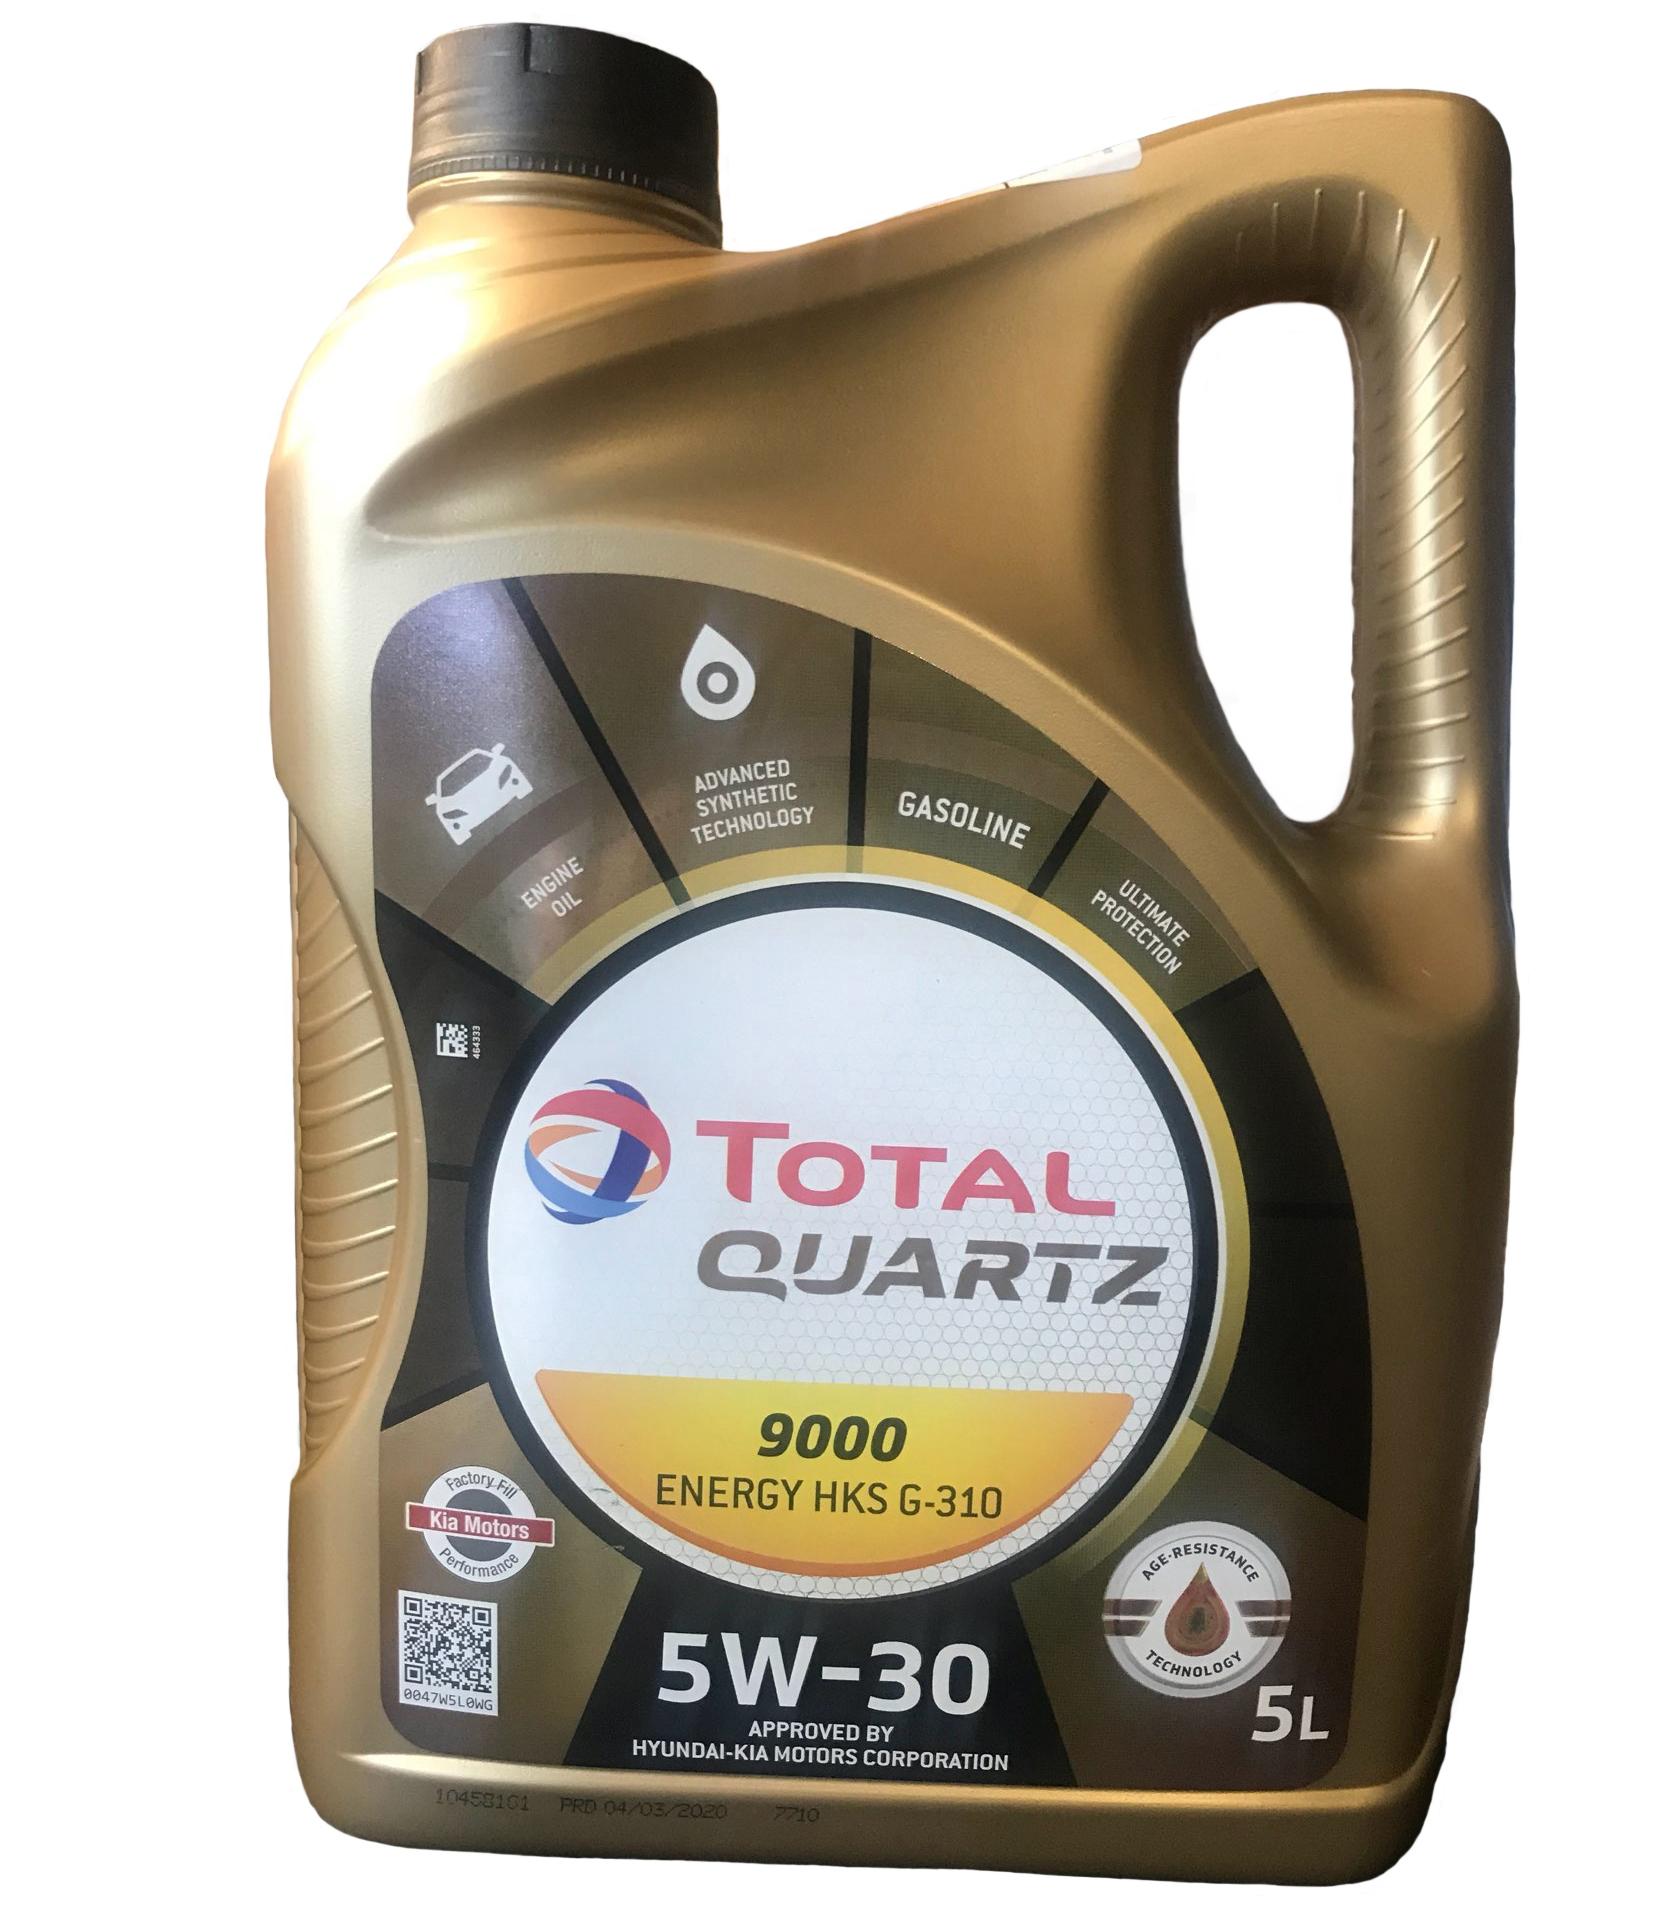 Моторное масло Total Quartz 9000 Energy HKS G-310 5W-30 5л